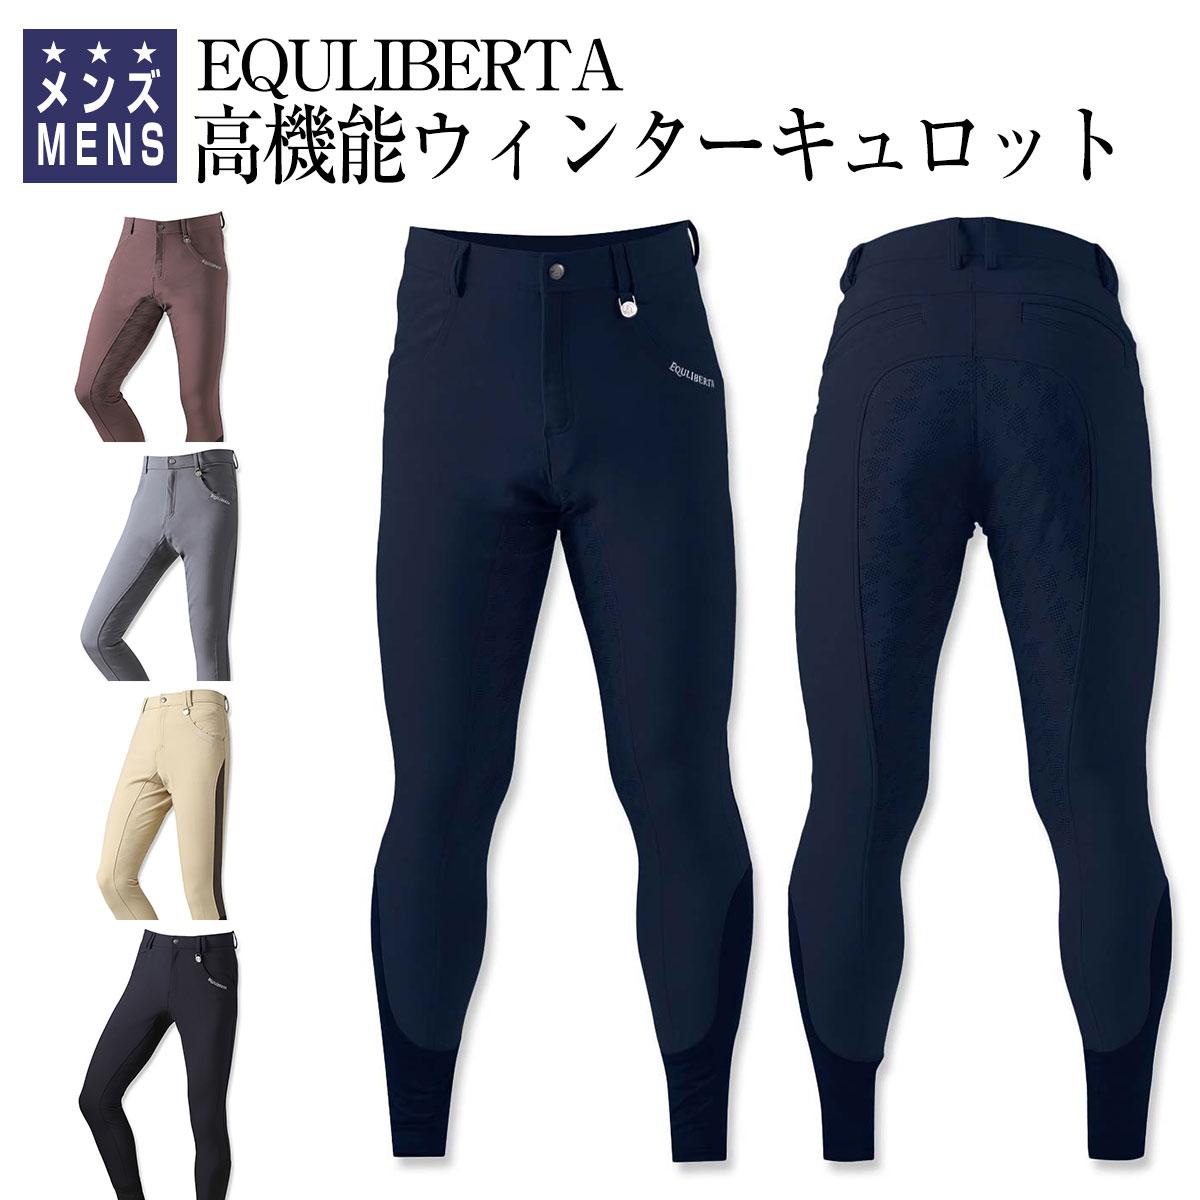 【月間優良ショップ】乗馬 キュロット ズボン パンツ 送料無料 EQULIBERTA 高機能ウィンターキュロット フルグリップ メンズ 乗馬用品 馬具